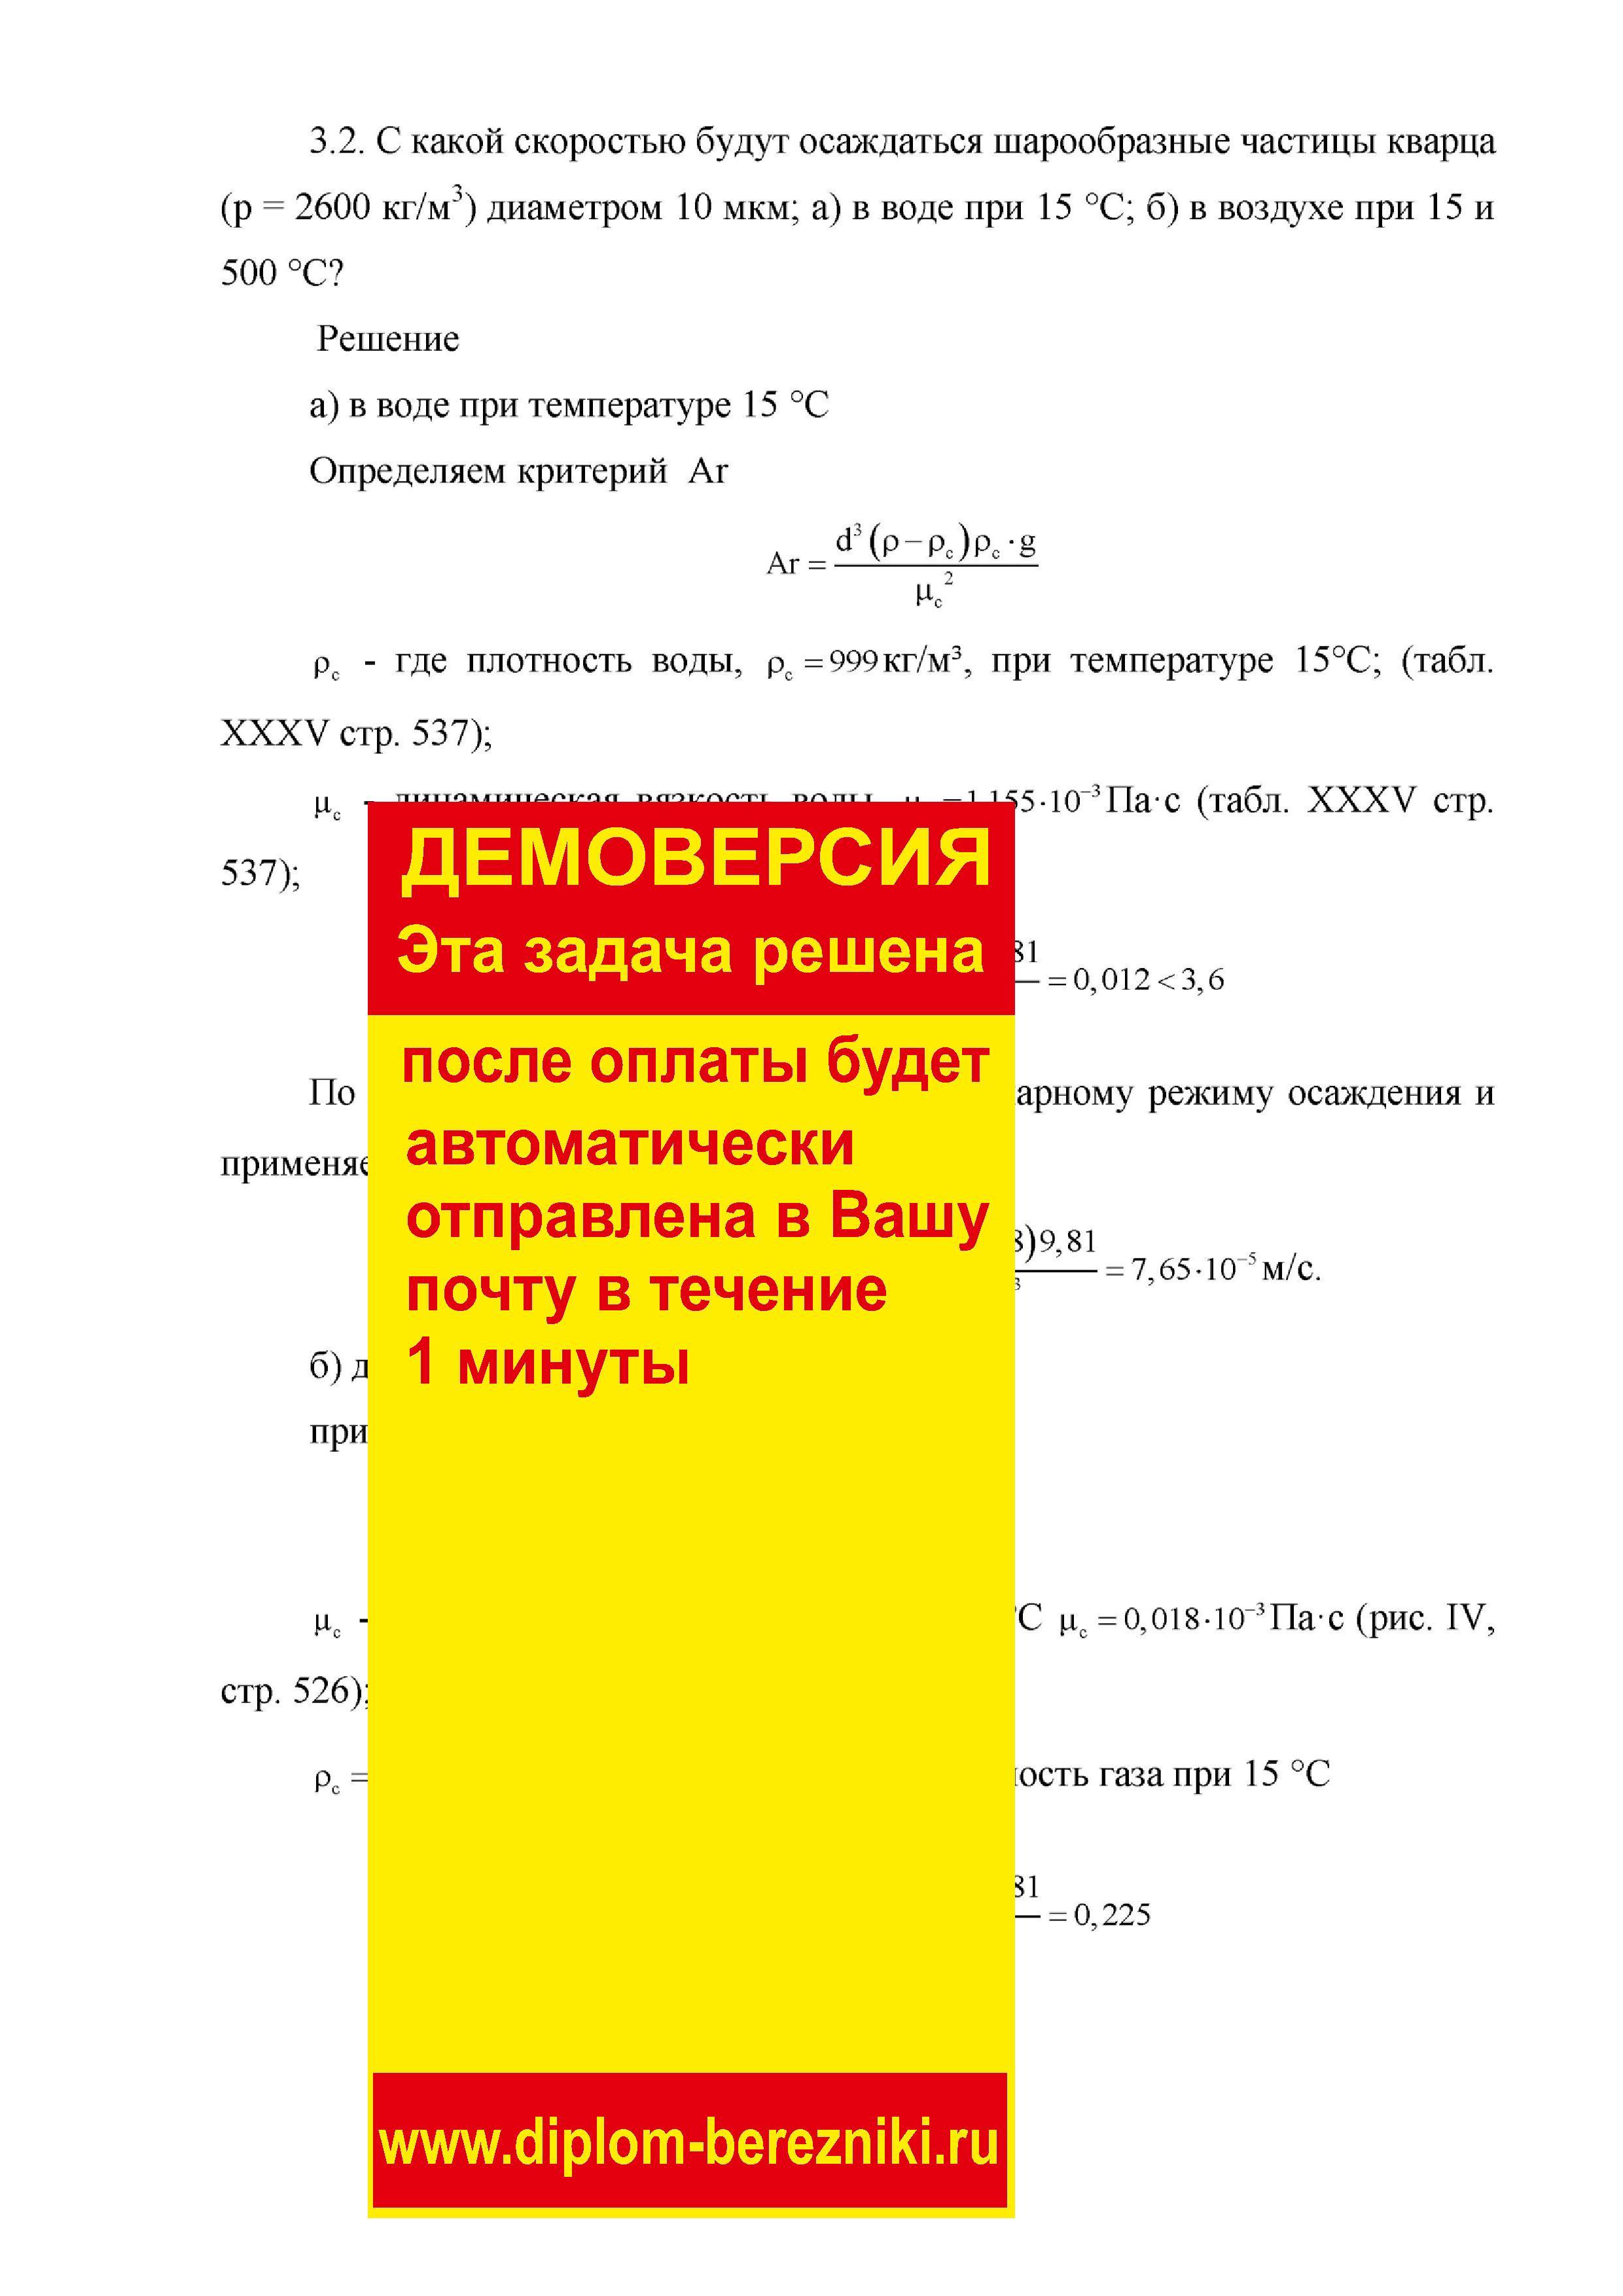 Решение задачи 3.2 по ПАХТ из задачника Павлова Романкова Носкова